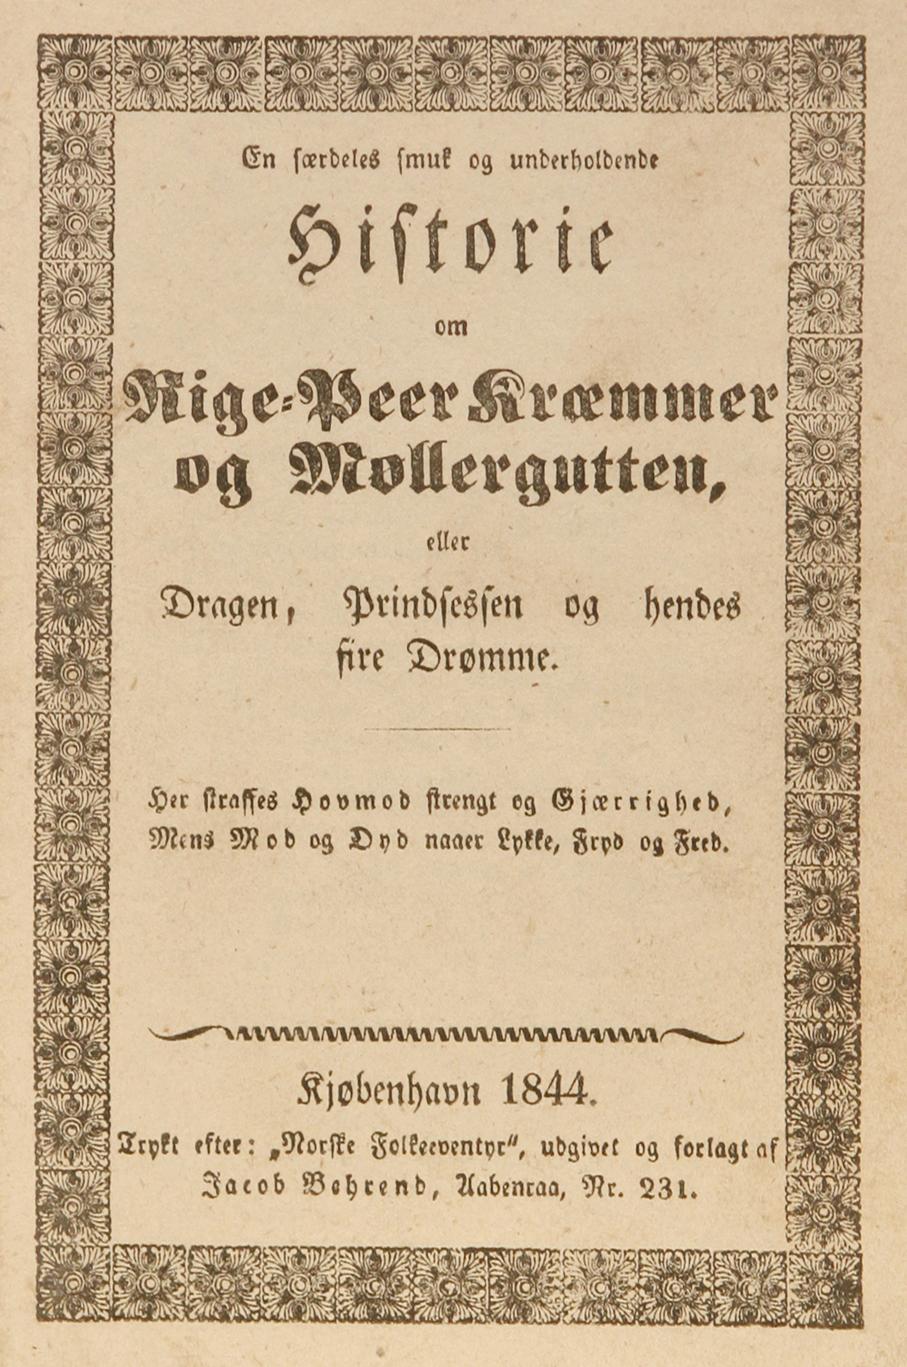 Forside til Asbjørnsen og Moes «Rige-Peer og Kræmmer og Møllergutten, eller Dragen, Prindsessen og hendes fire Drømme» utgitt i 1844.